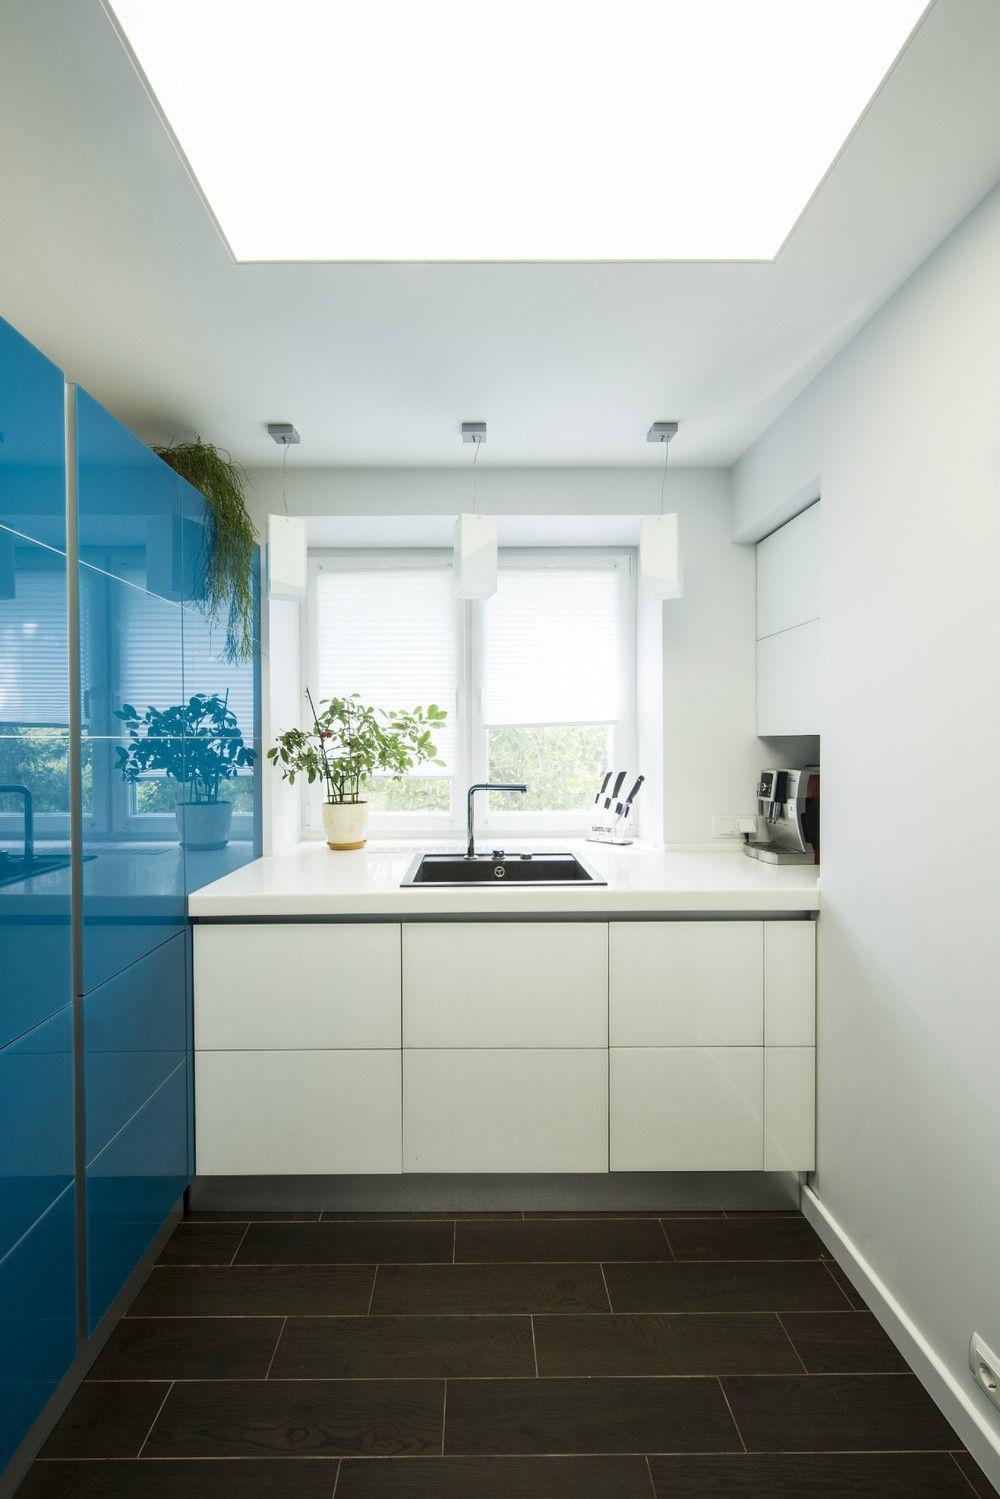 apartments andrew rudoi small white kitchen blue wall kitchen design dark ceramic fl white on kitchen decor blue id=65686